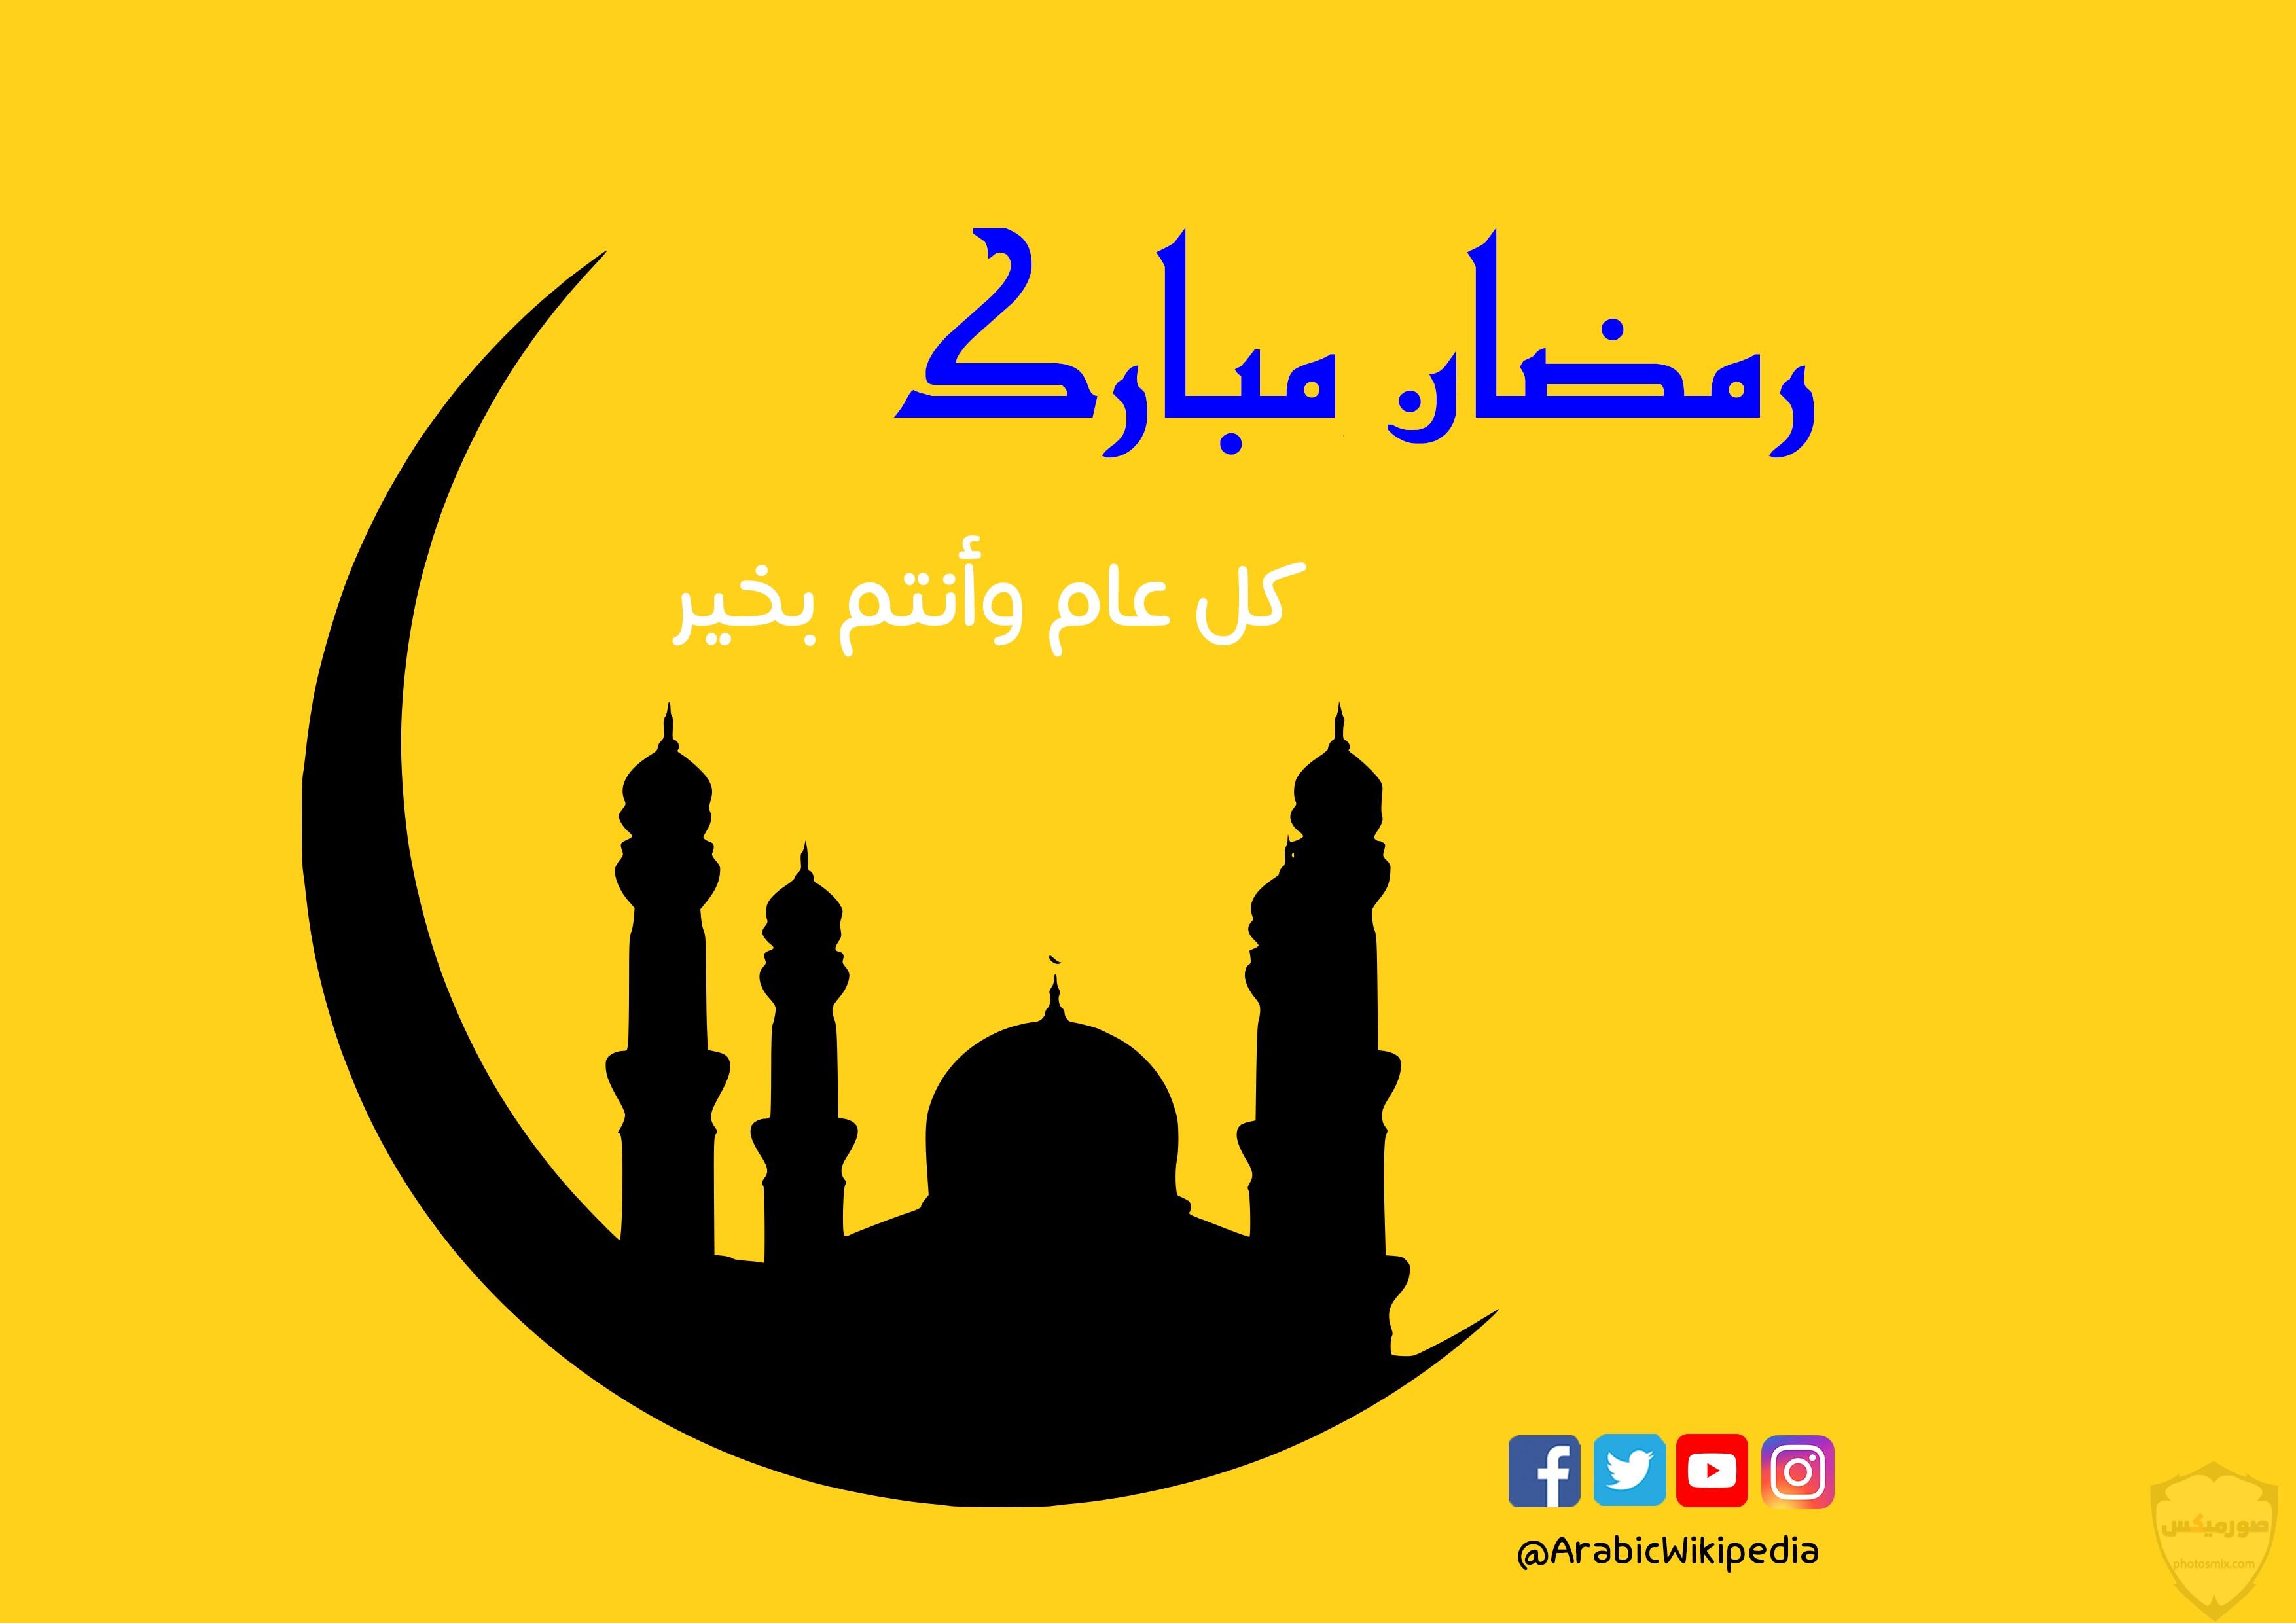 صور رمضان 2020 خلفيات صور رمضان 2020 4 1